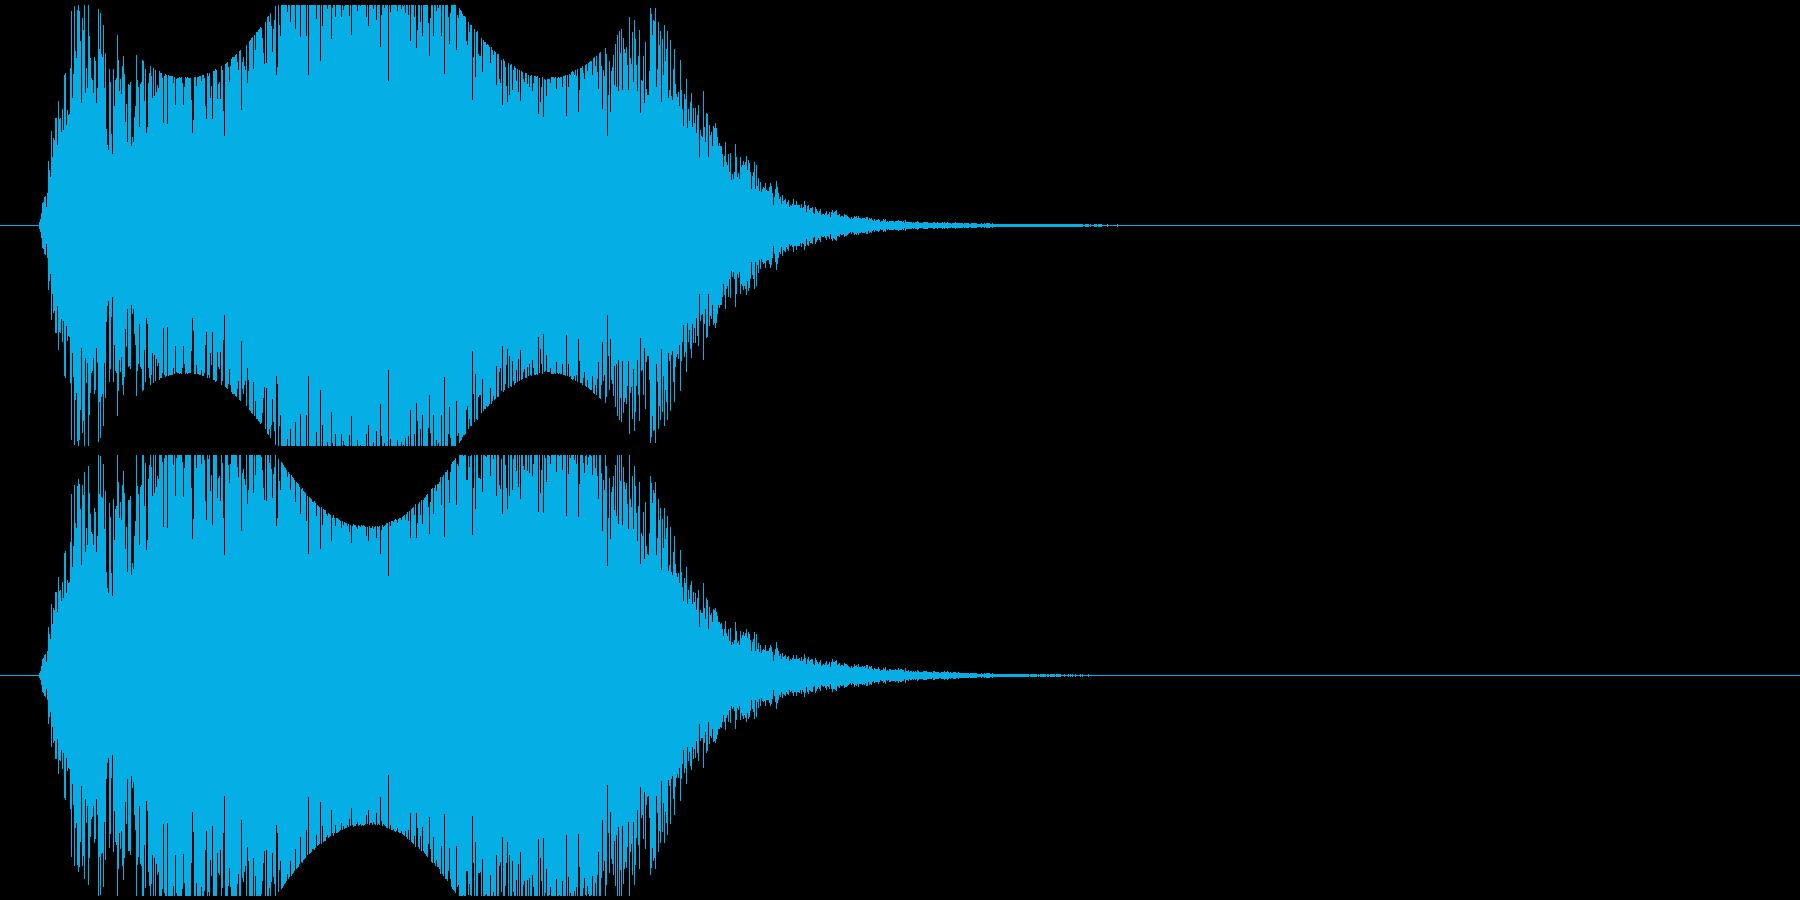 回転_旋回_上昇の再生済みの波形